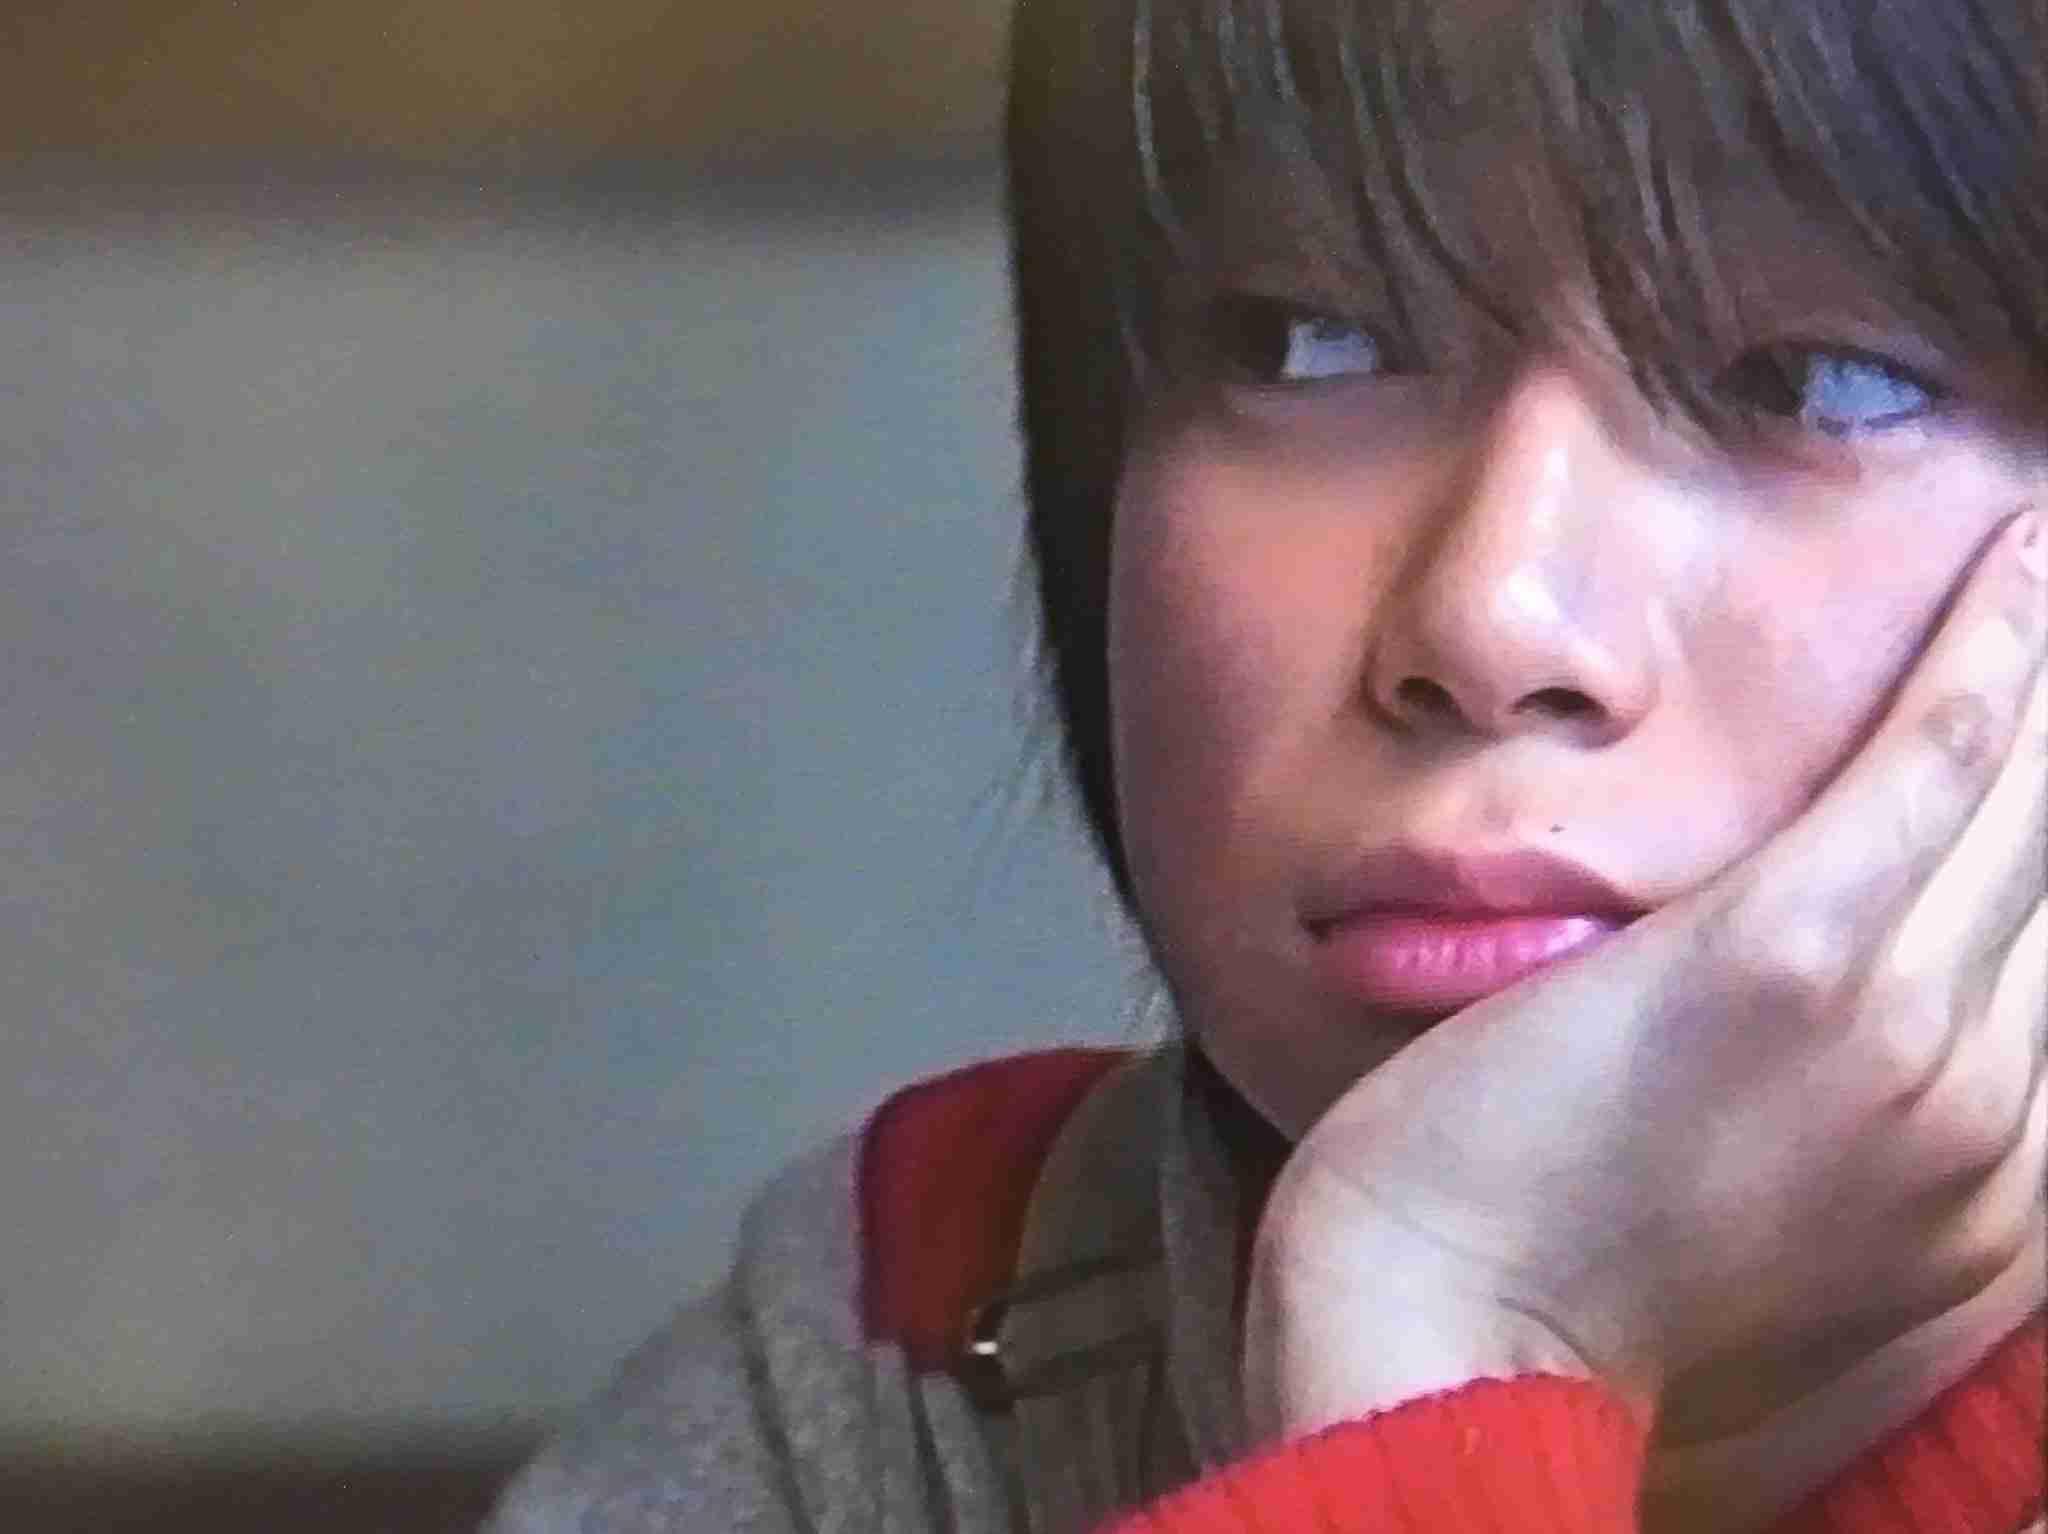 山崎賢人に菅田将暉も…若手俳優の脱制服化に映画会社が悲鳴